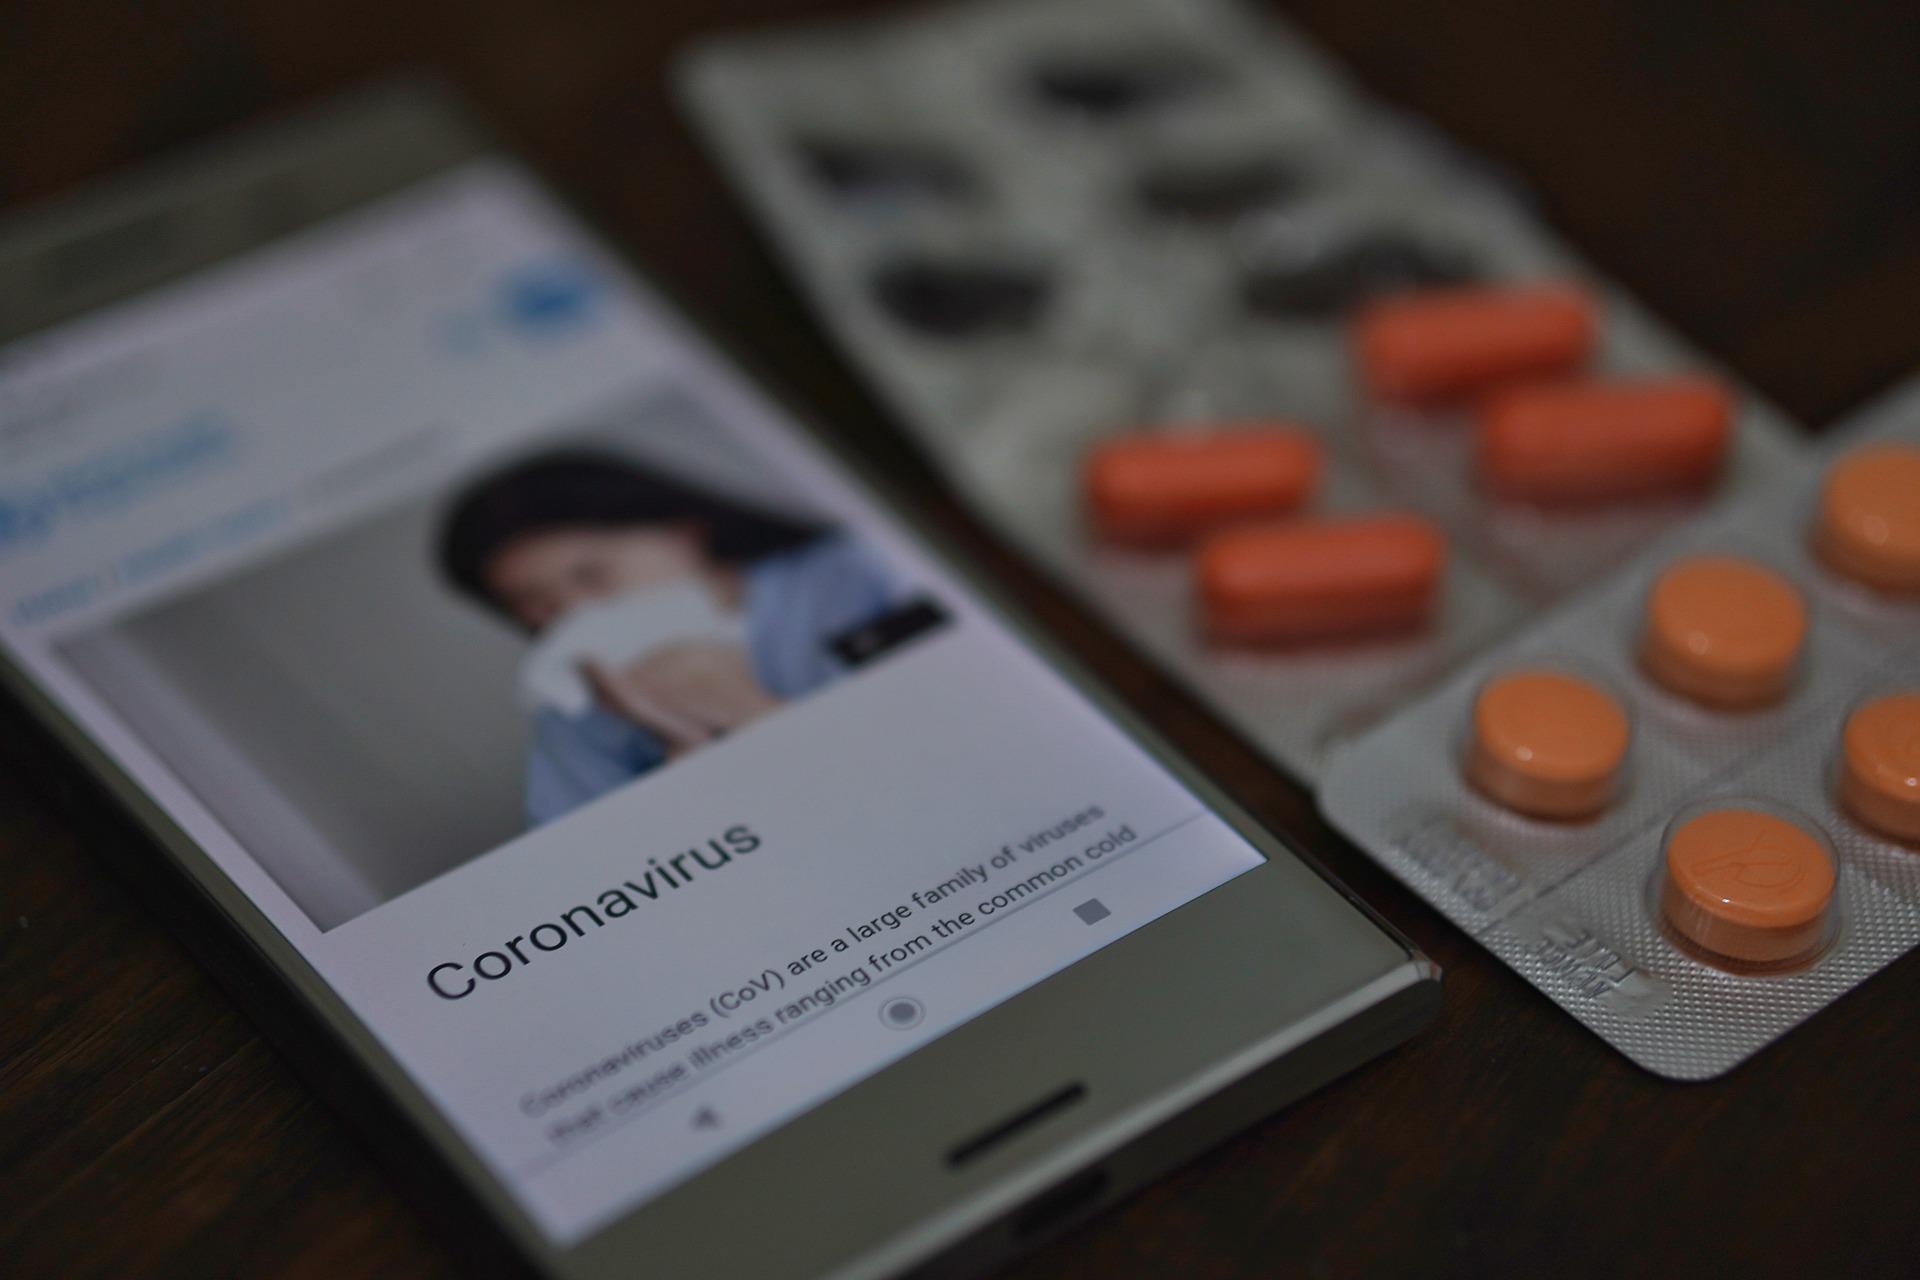 Ministarstvo znanosti i obrazovanja preporučilo otkazivanje svih školskih putovanja u Italiju zbog koronavirusa - Slika 1